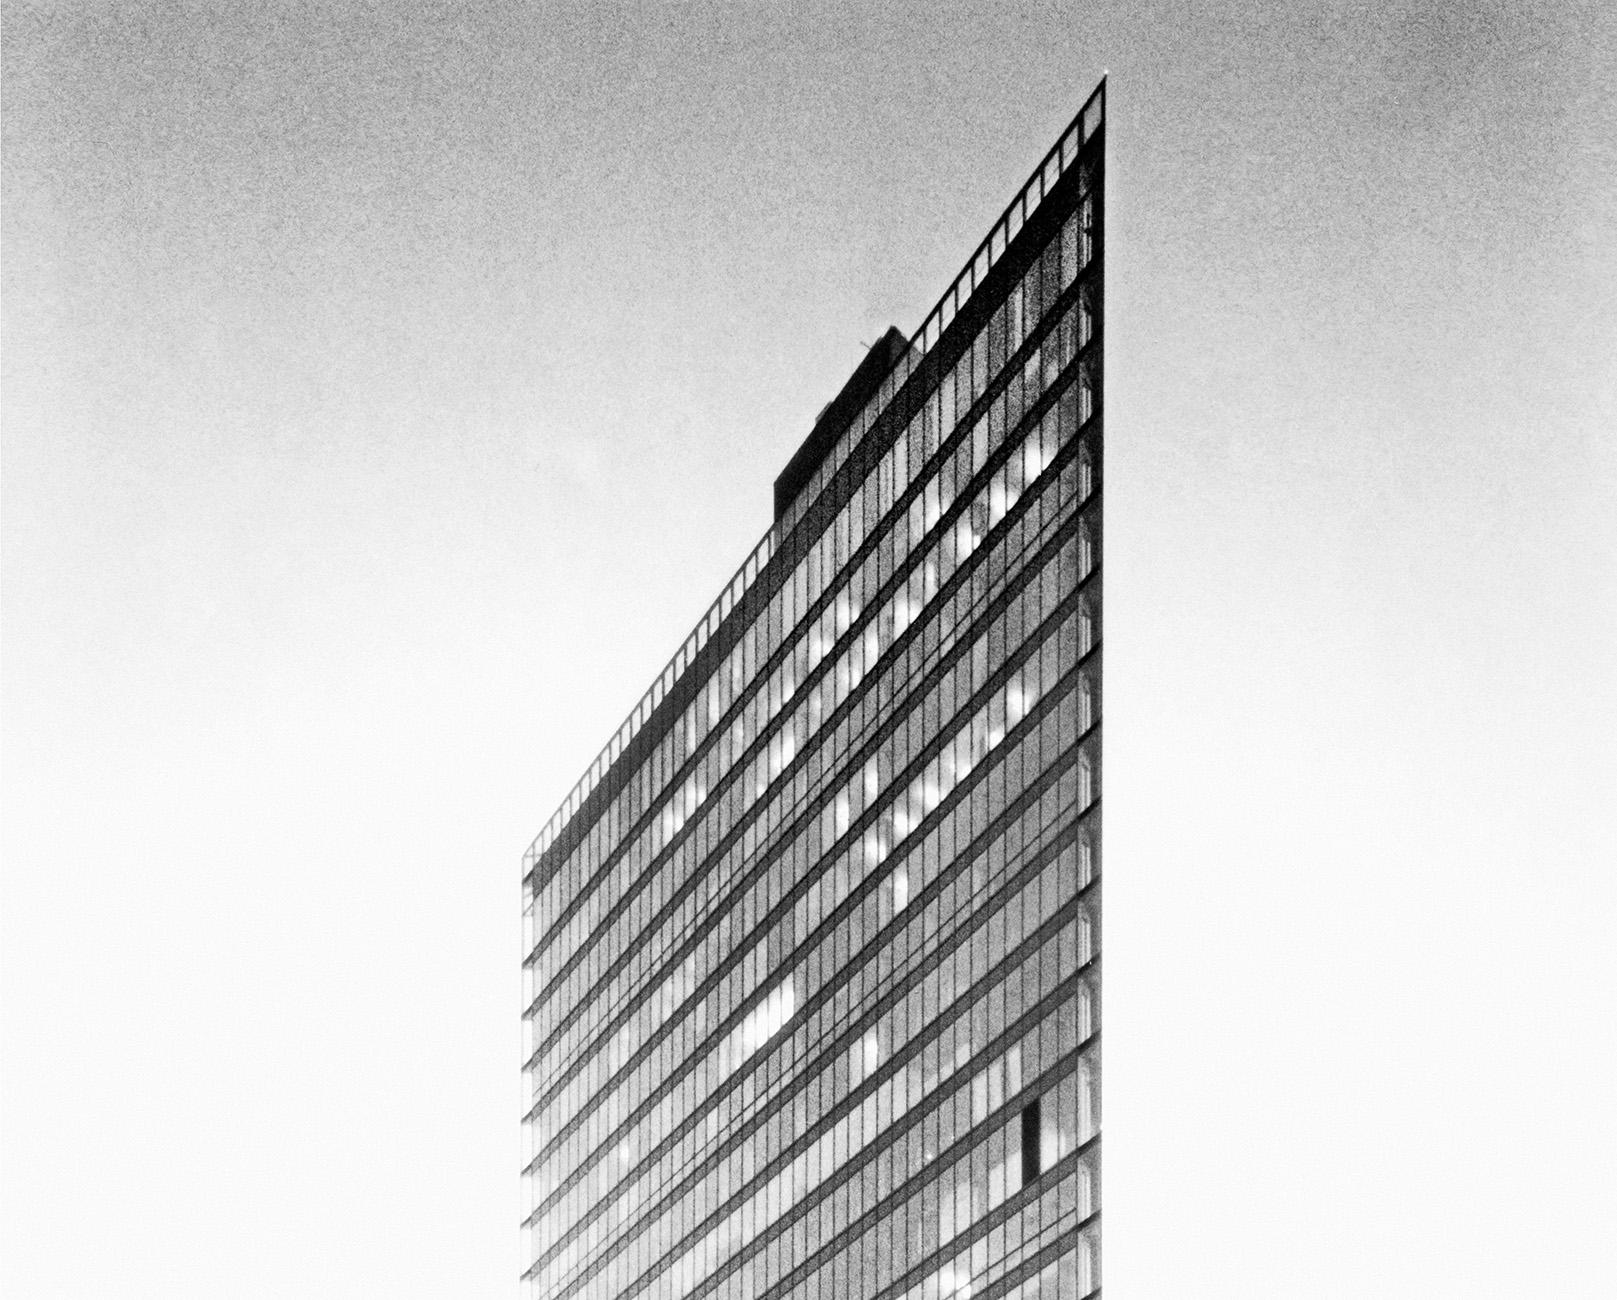 sience_tower copy.jpg